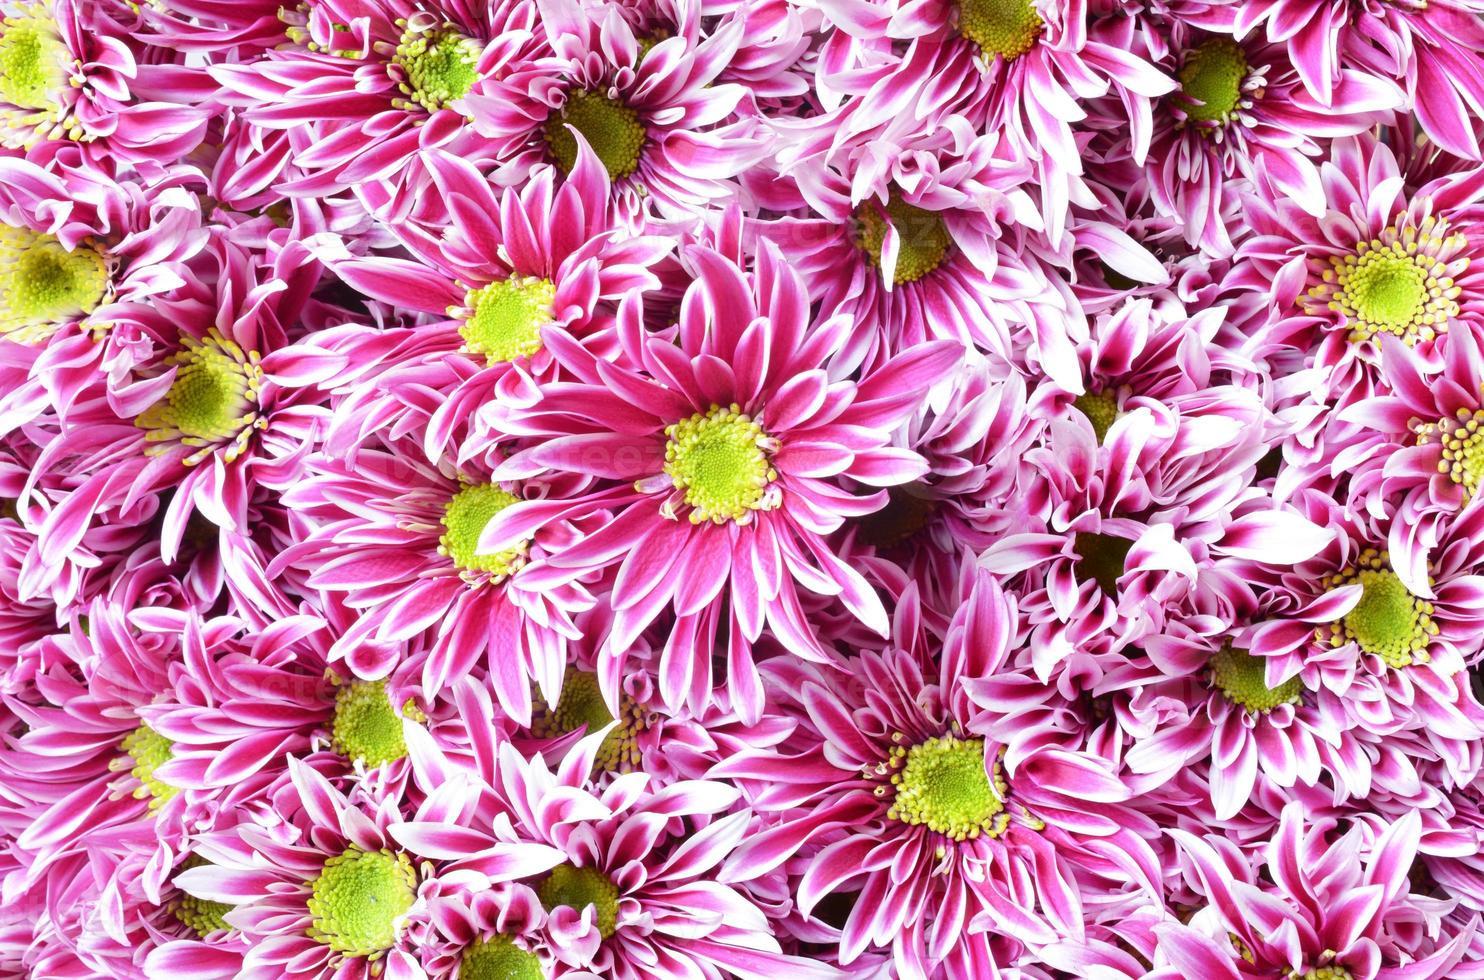 roze bloem met lange dunne bloembladen en een geel hart. foto